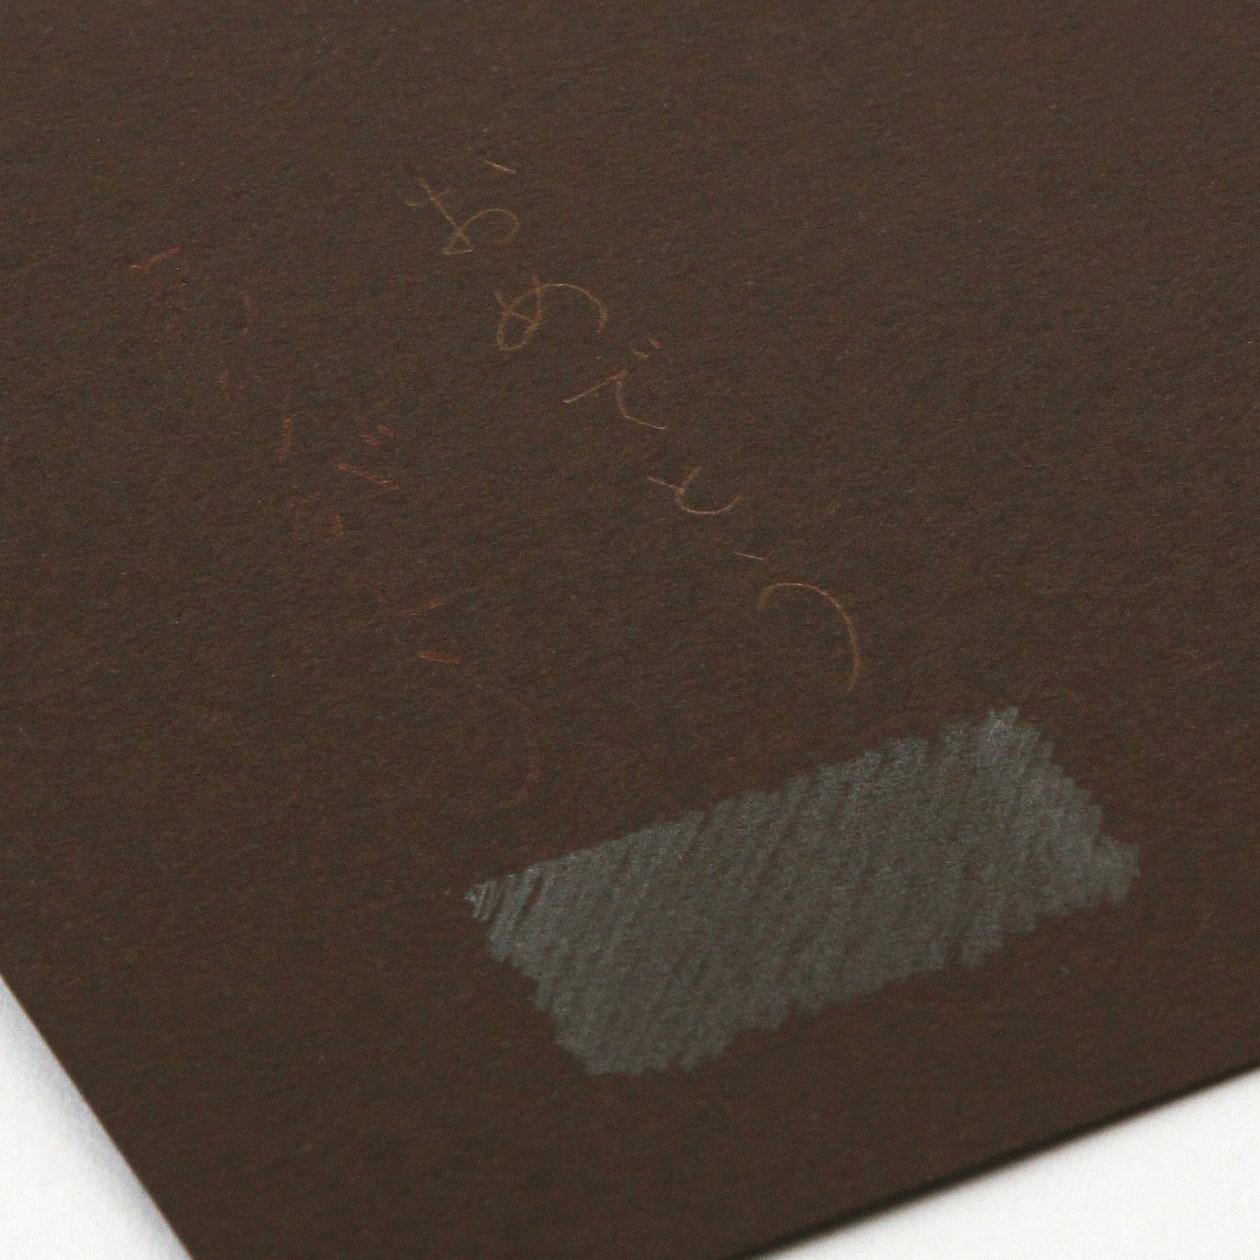 #24Vカード コットン チョコレート 291g